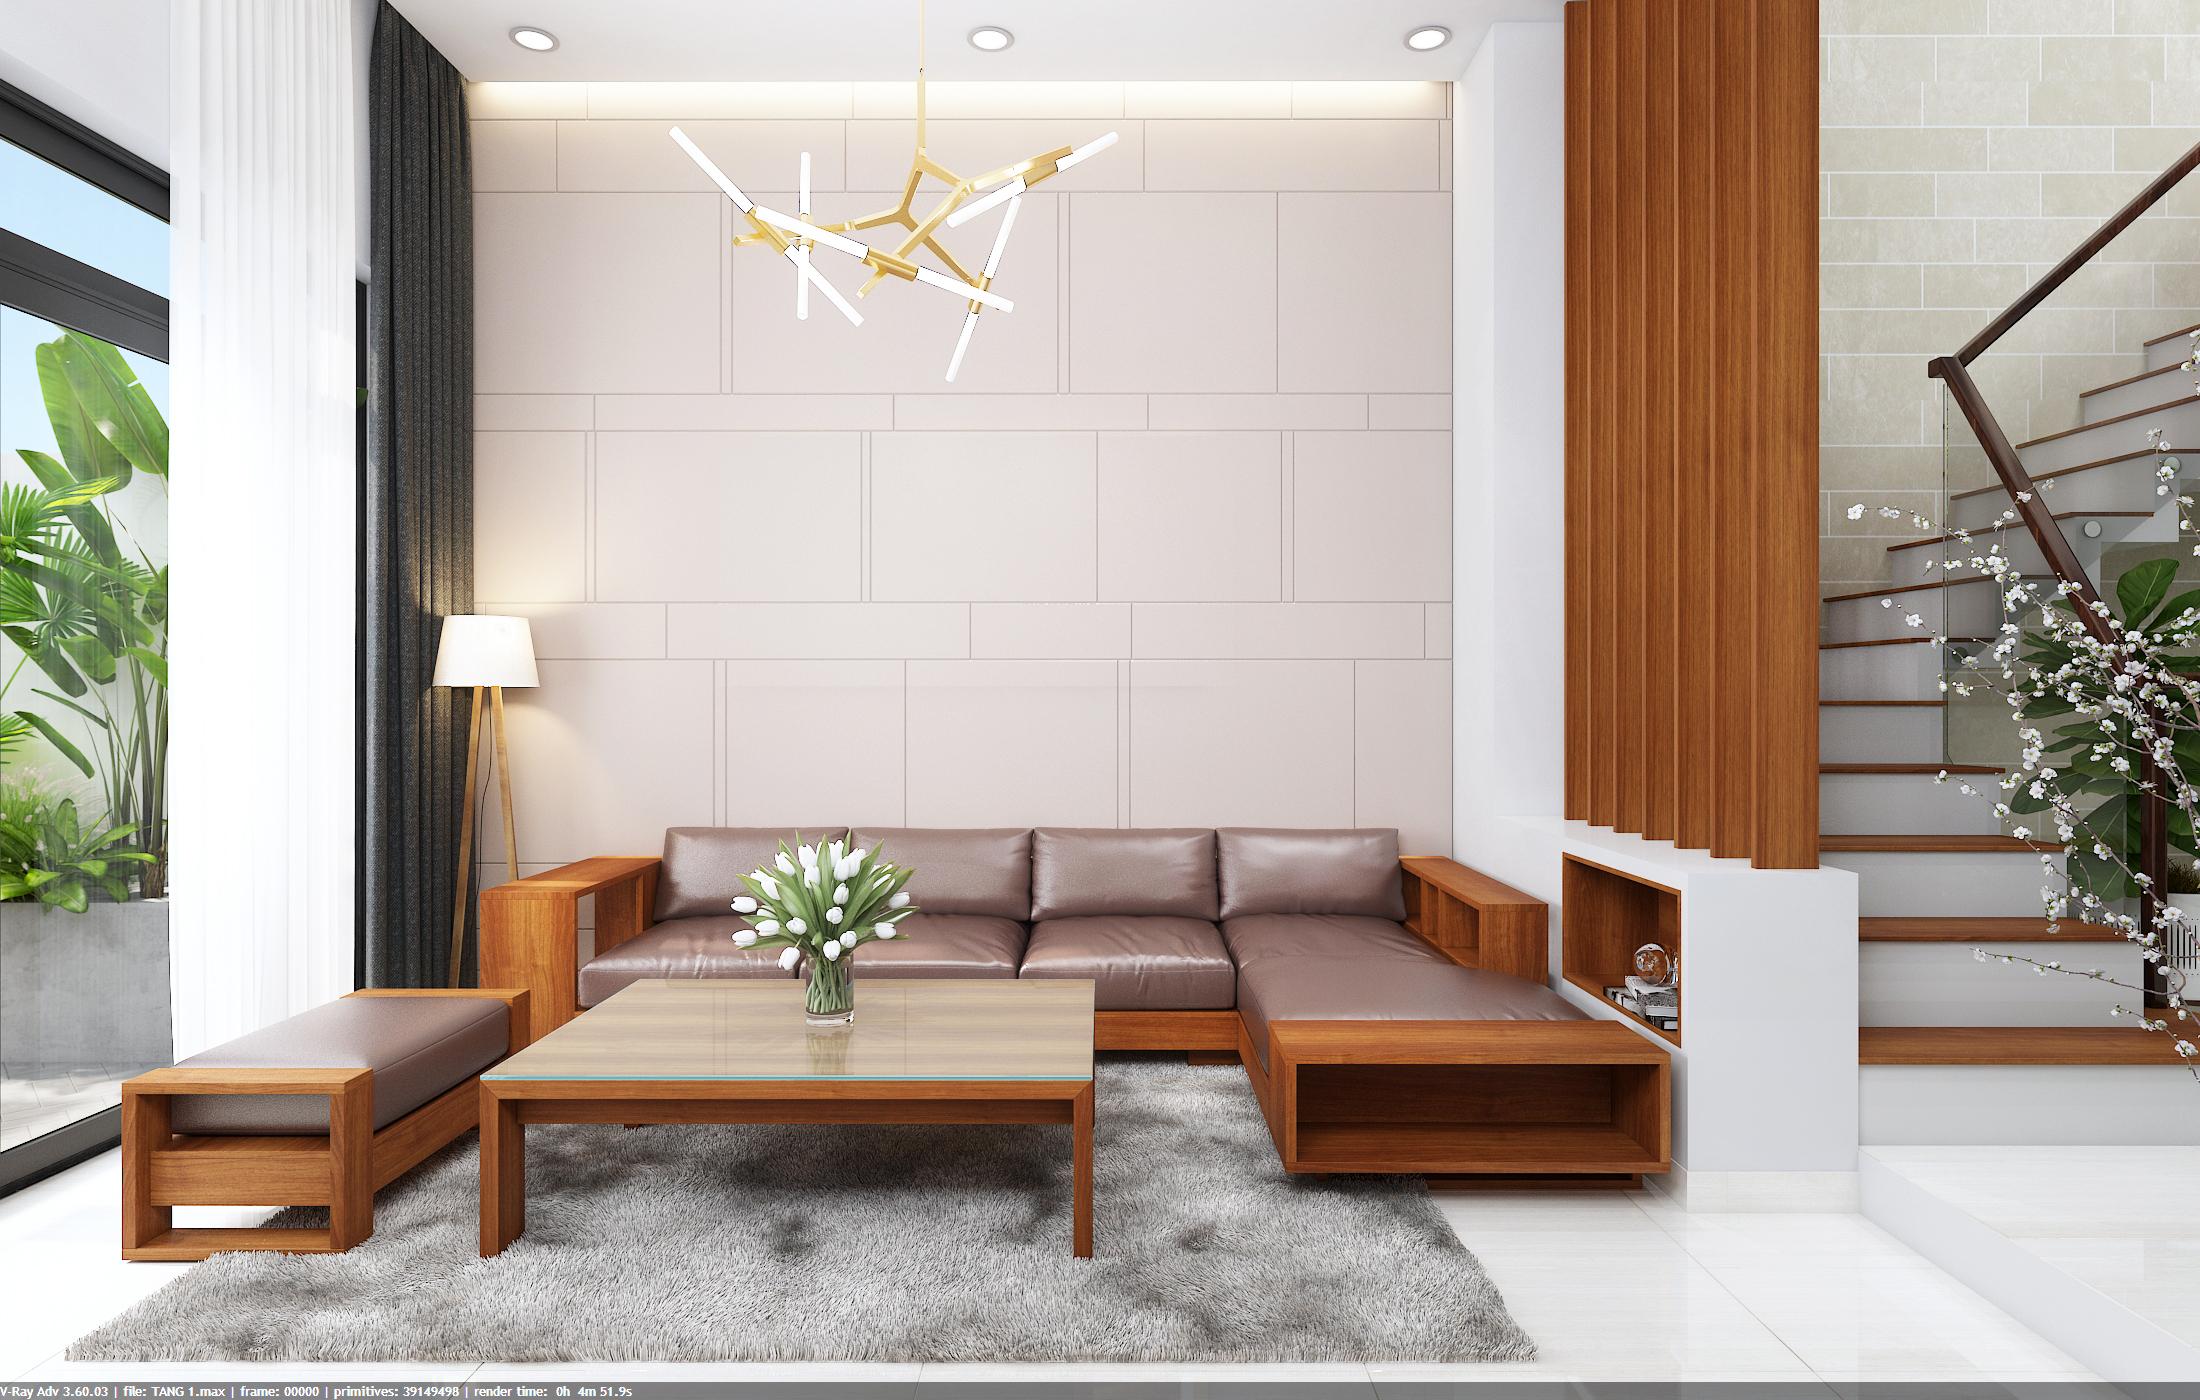 thiết kế nội thất Nhà Mặt Phố tại Đà Nẵng Loc House Interior 2 1548312547